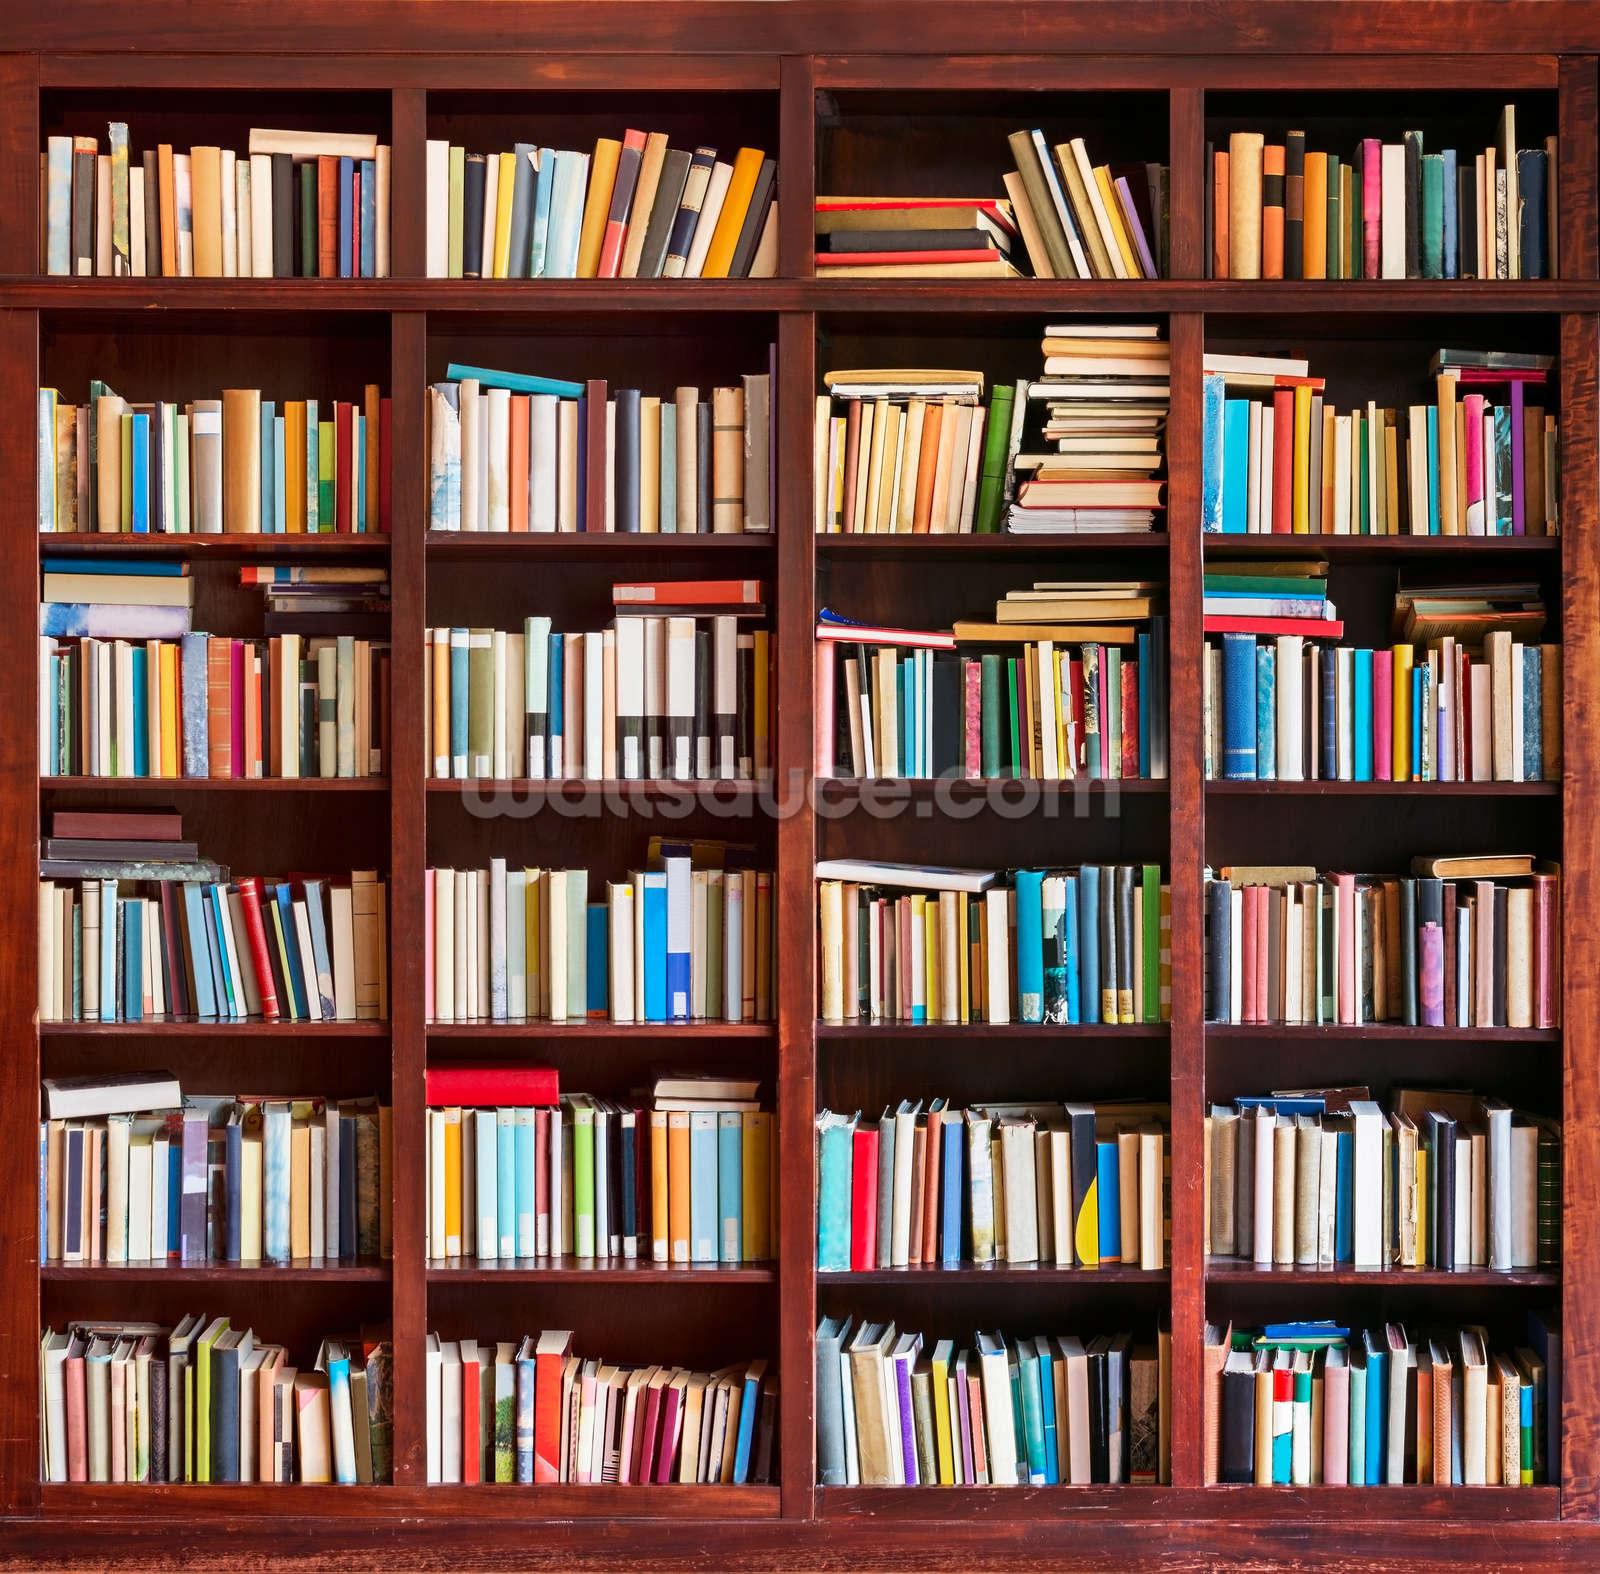 Bookcase wallpaper wall mural wallsauce usa for Bookshelf wallpaper mural